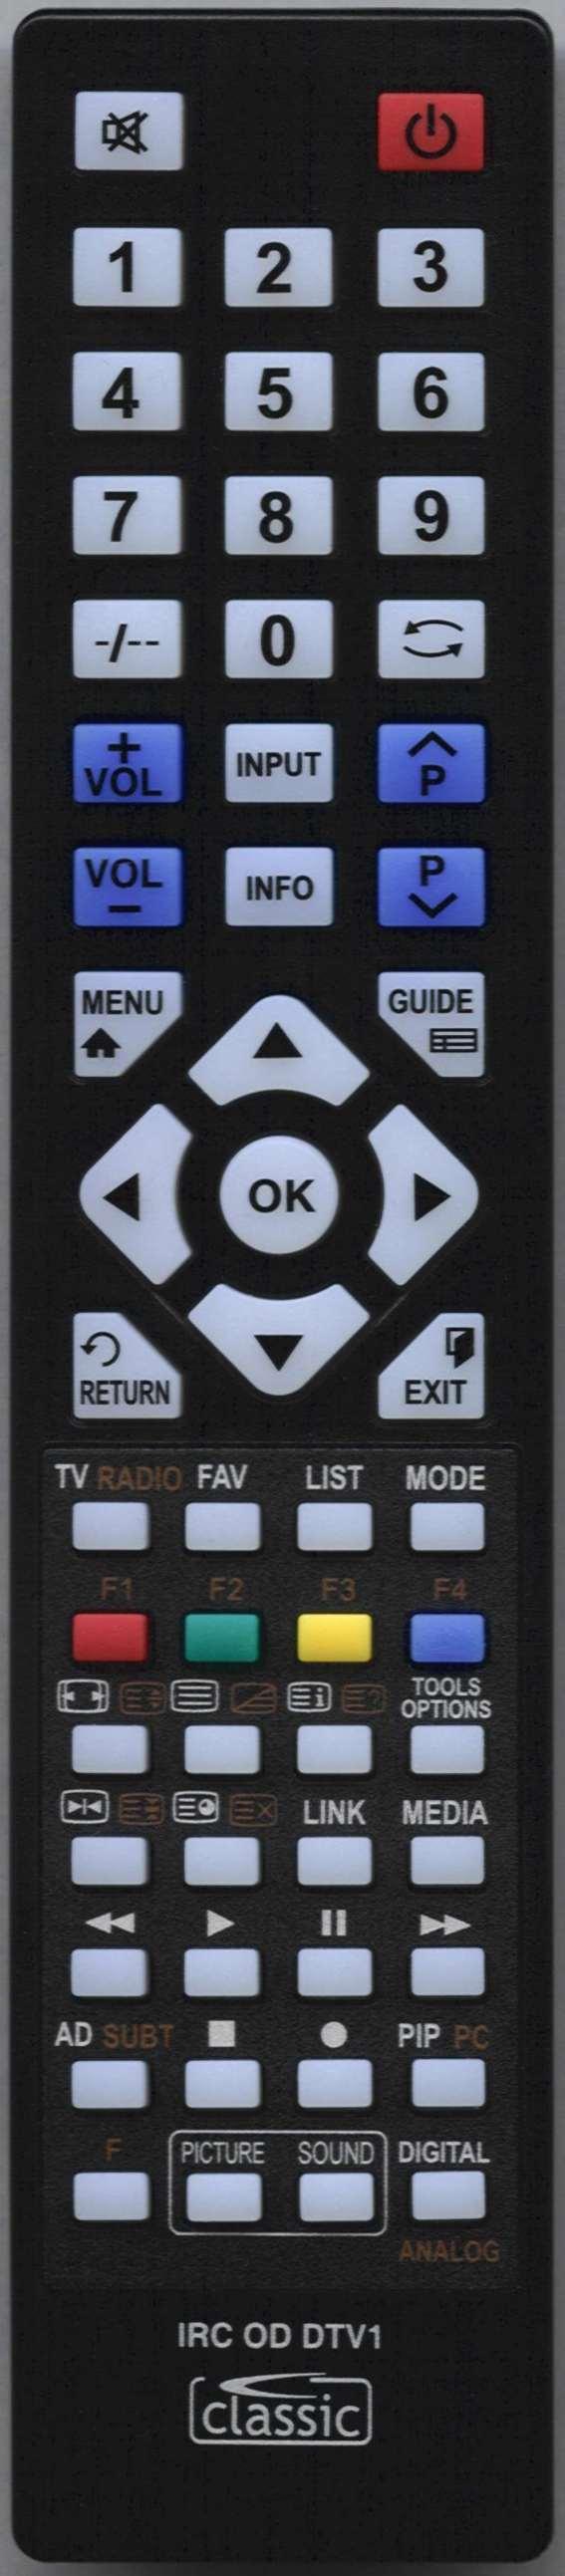 Cello C32227FT2 WAKEUP Remote Control Alternative